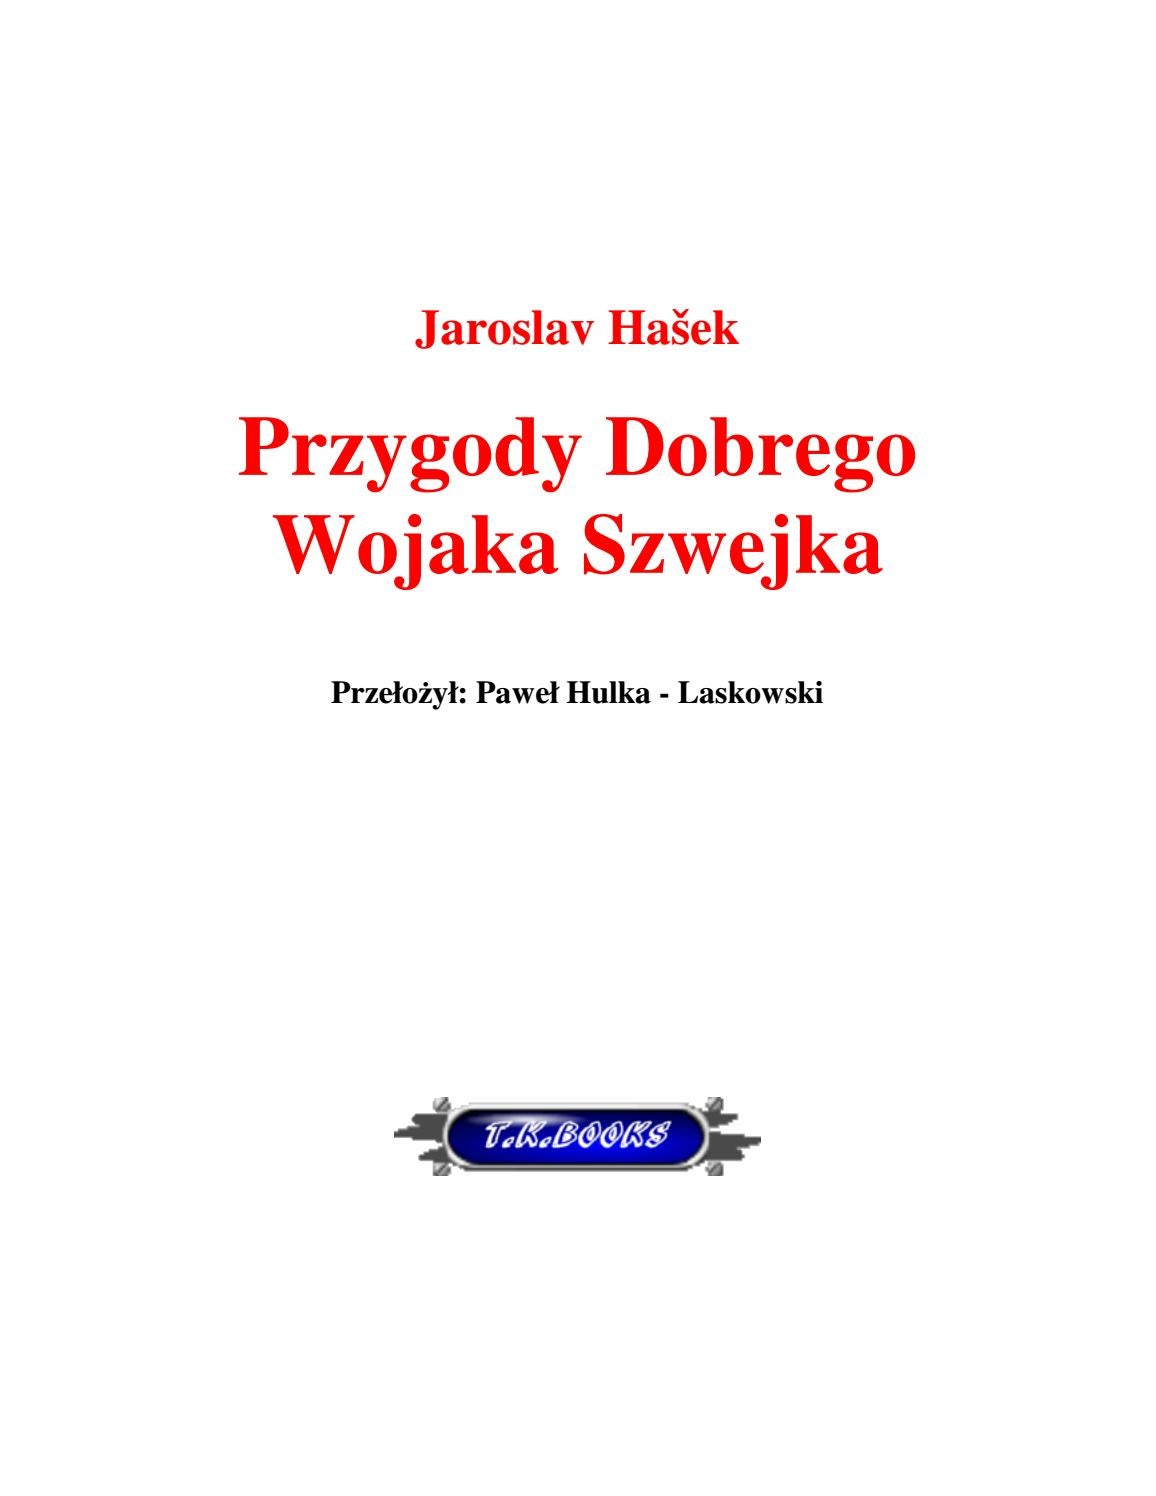 Przygody Wojaka Szwejka By Ciotas Issuu